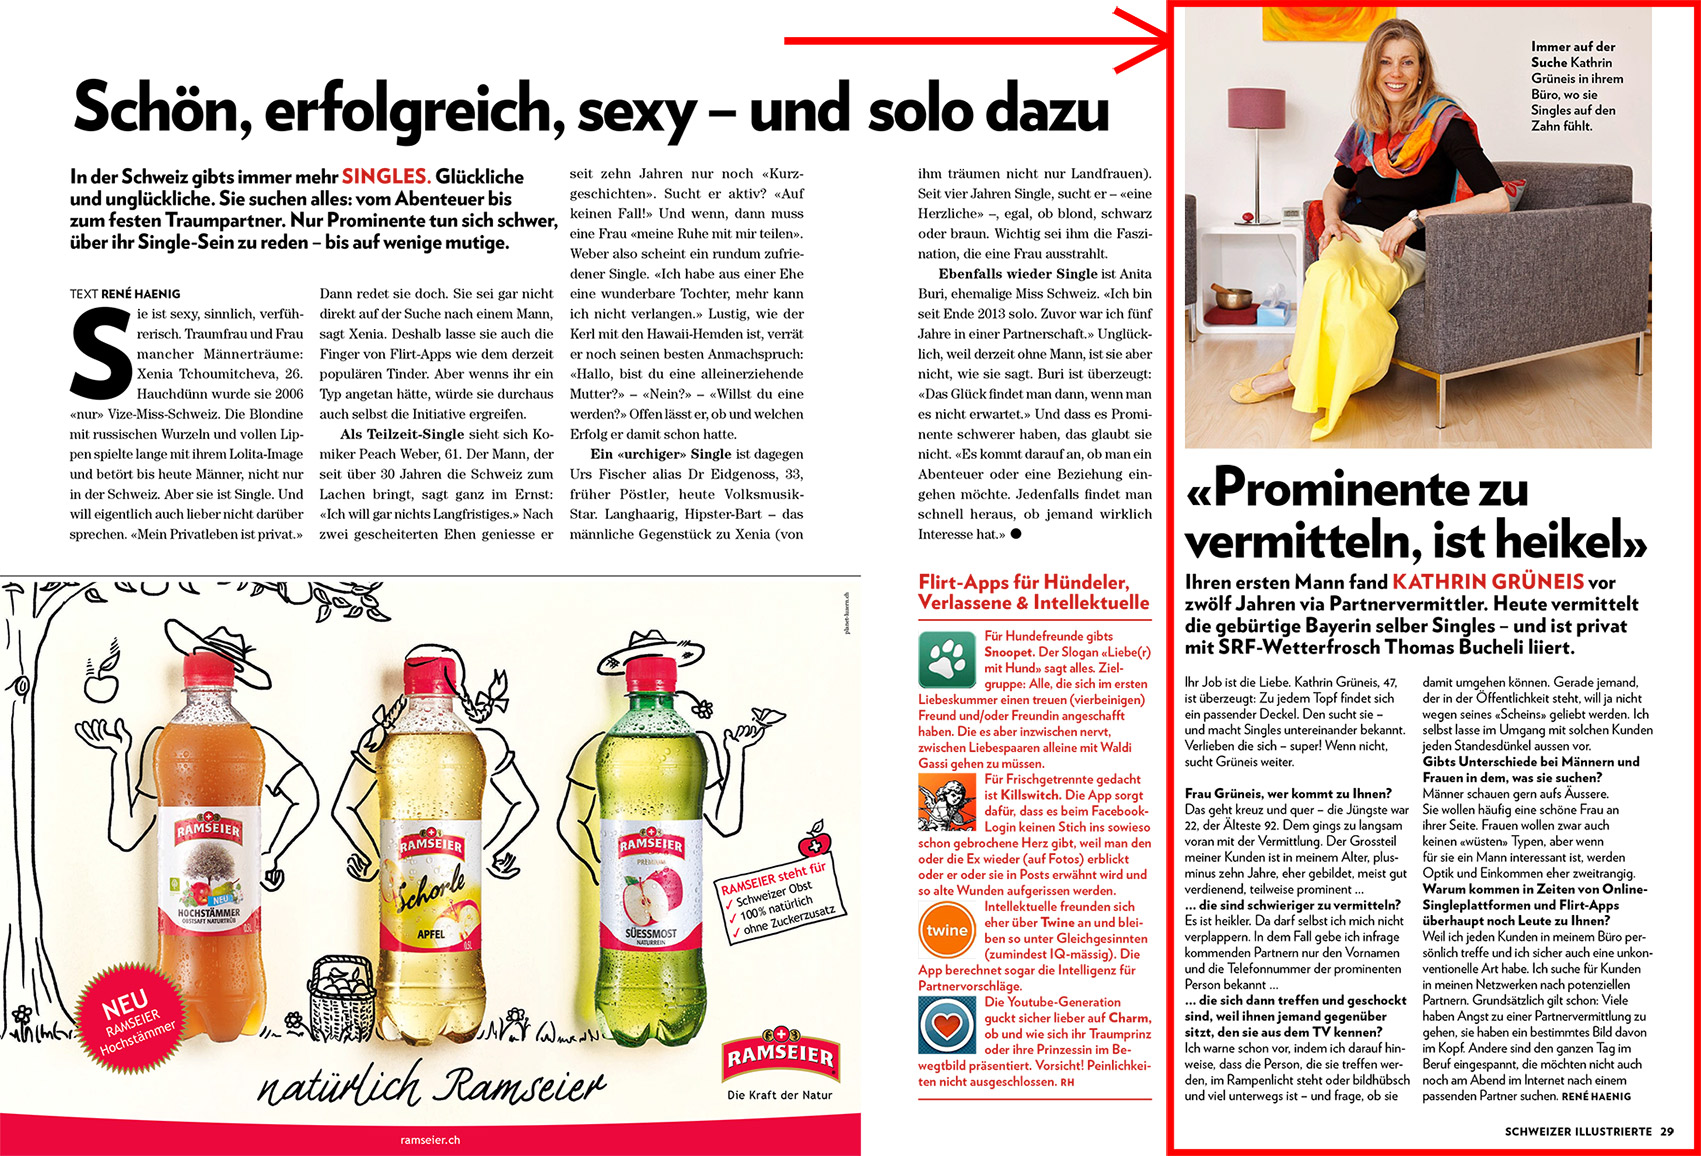 Singles in zürich kennenlernen Singles aus Thun kennenlernen auf LoveScout24